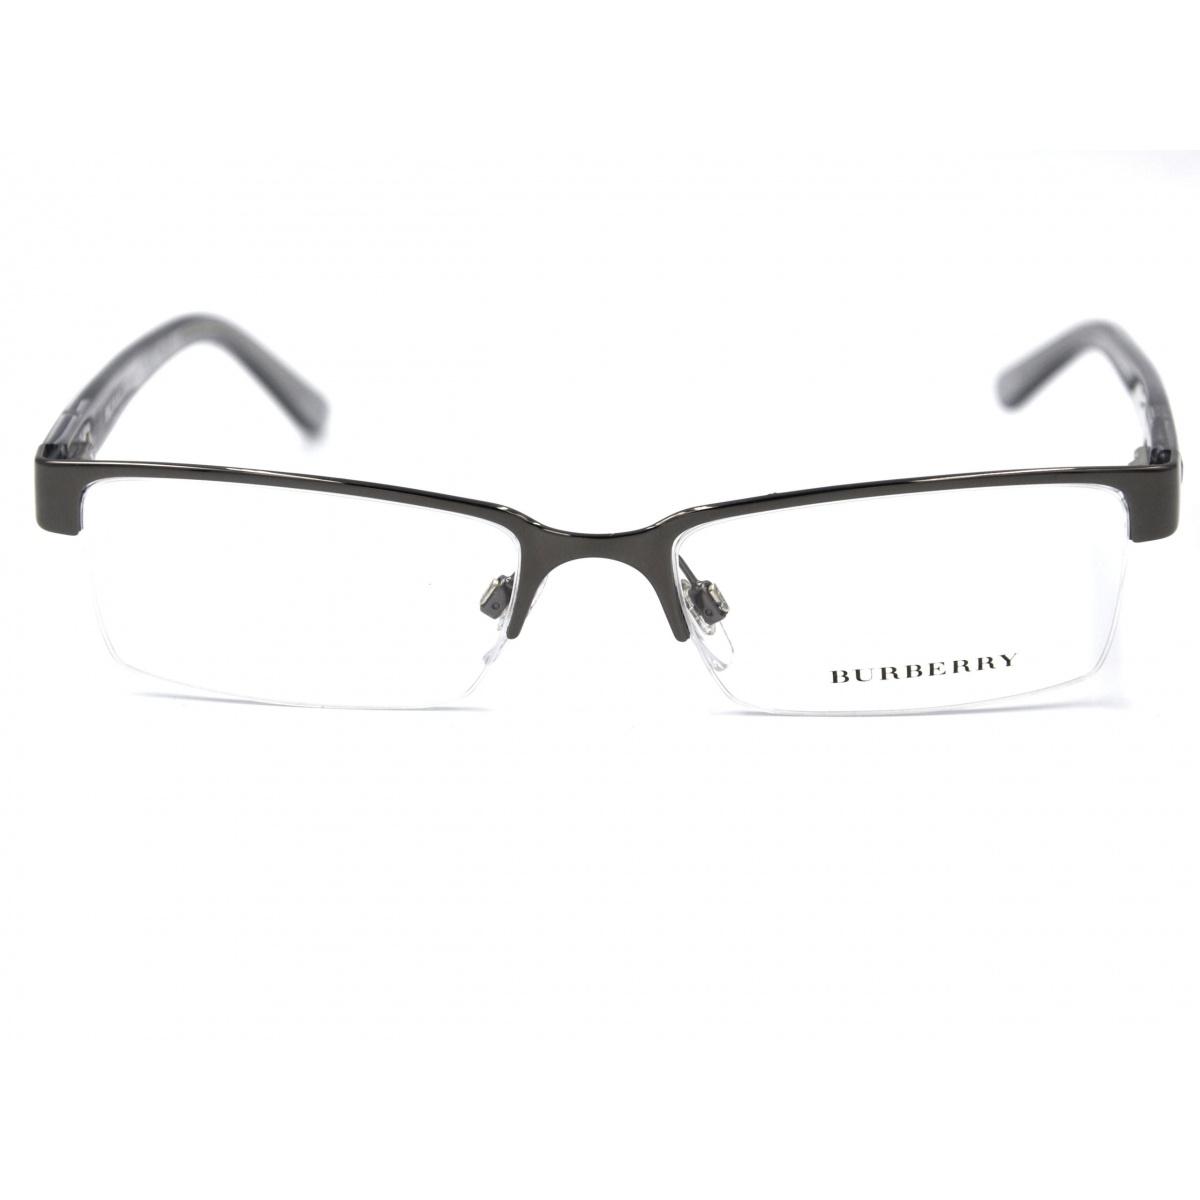 Γυαλιά οράσεως BURBERRY B1156 1003 Πειραιάς